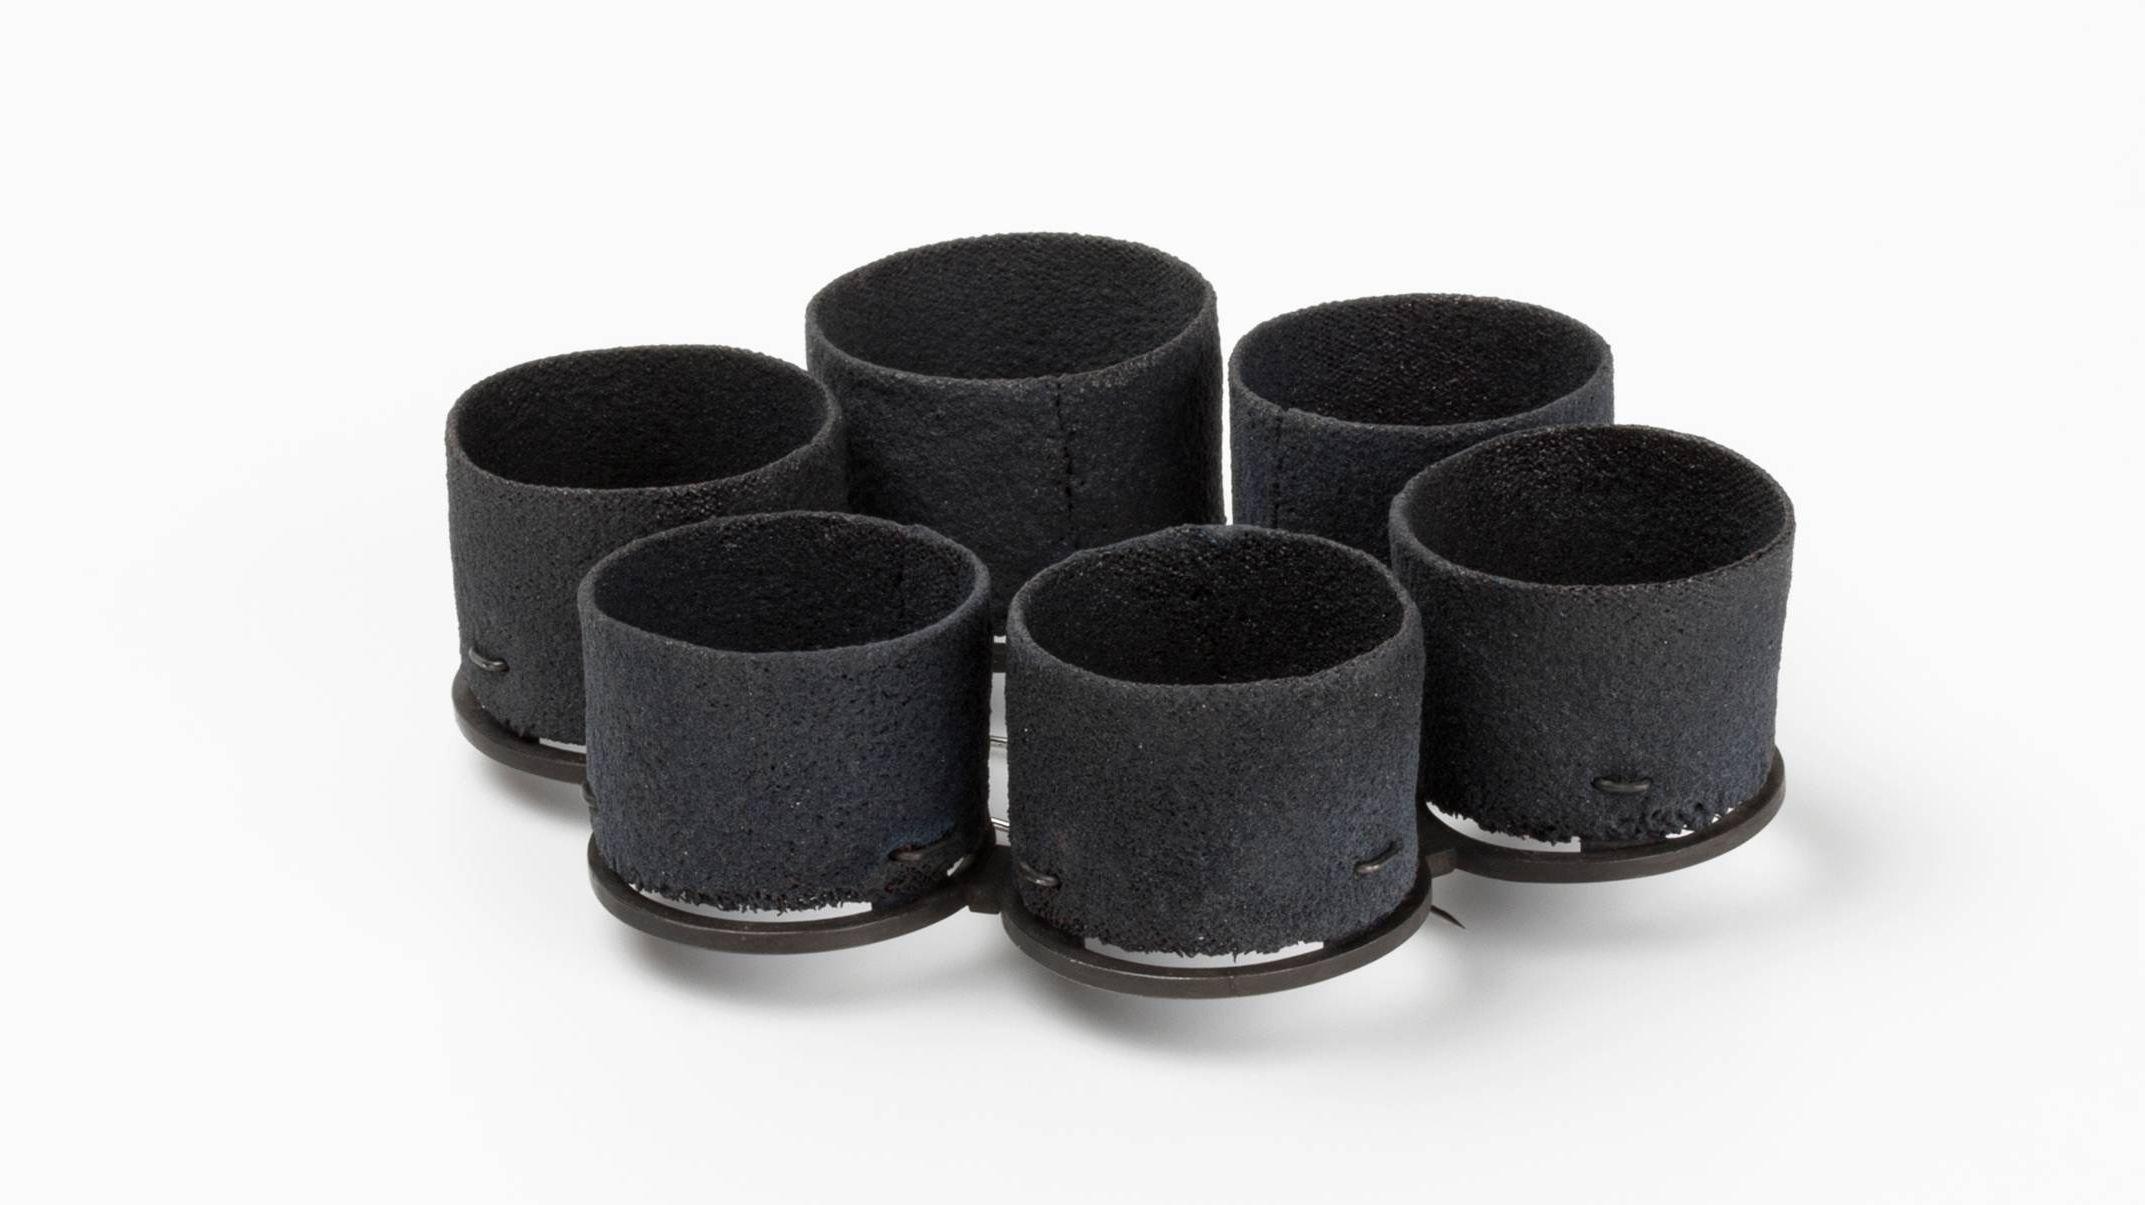 Brosche von Christine Graf: sechs kleine, dunkel emaillierte Zylinder in einem Kreis